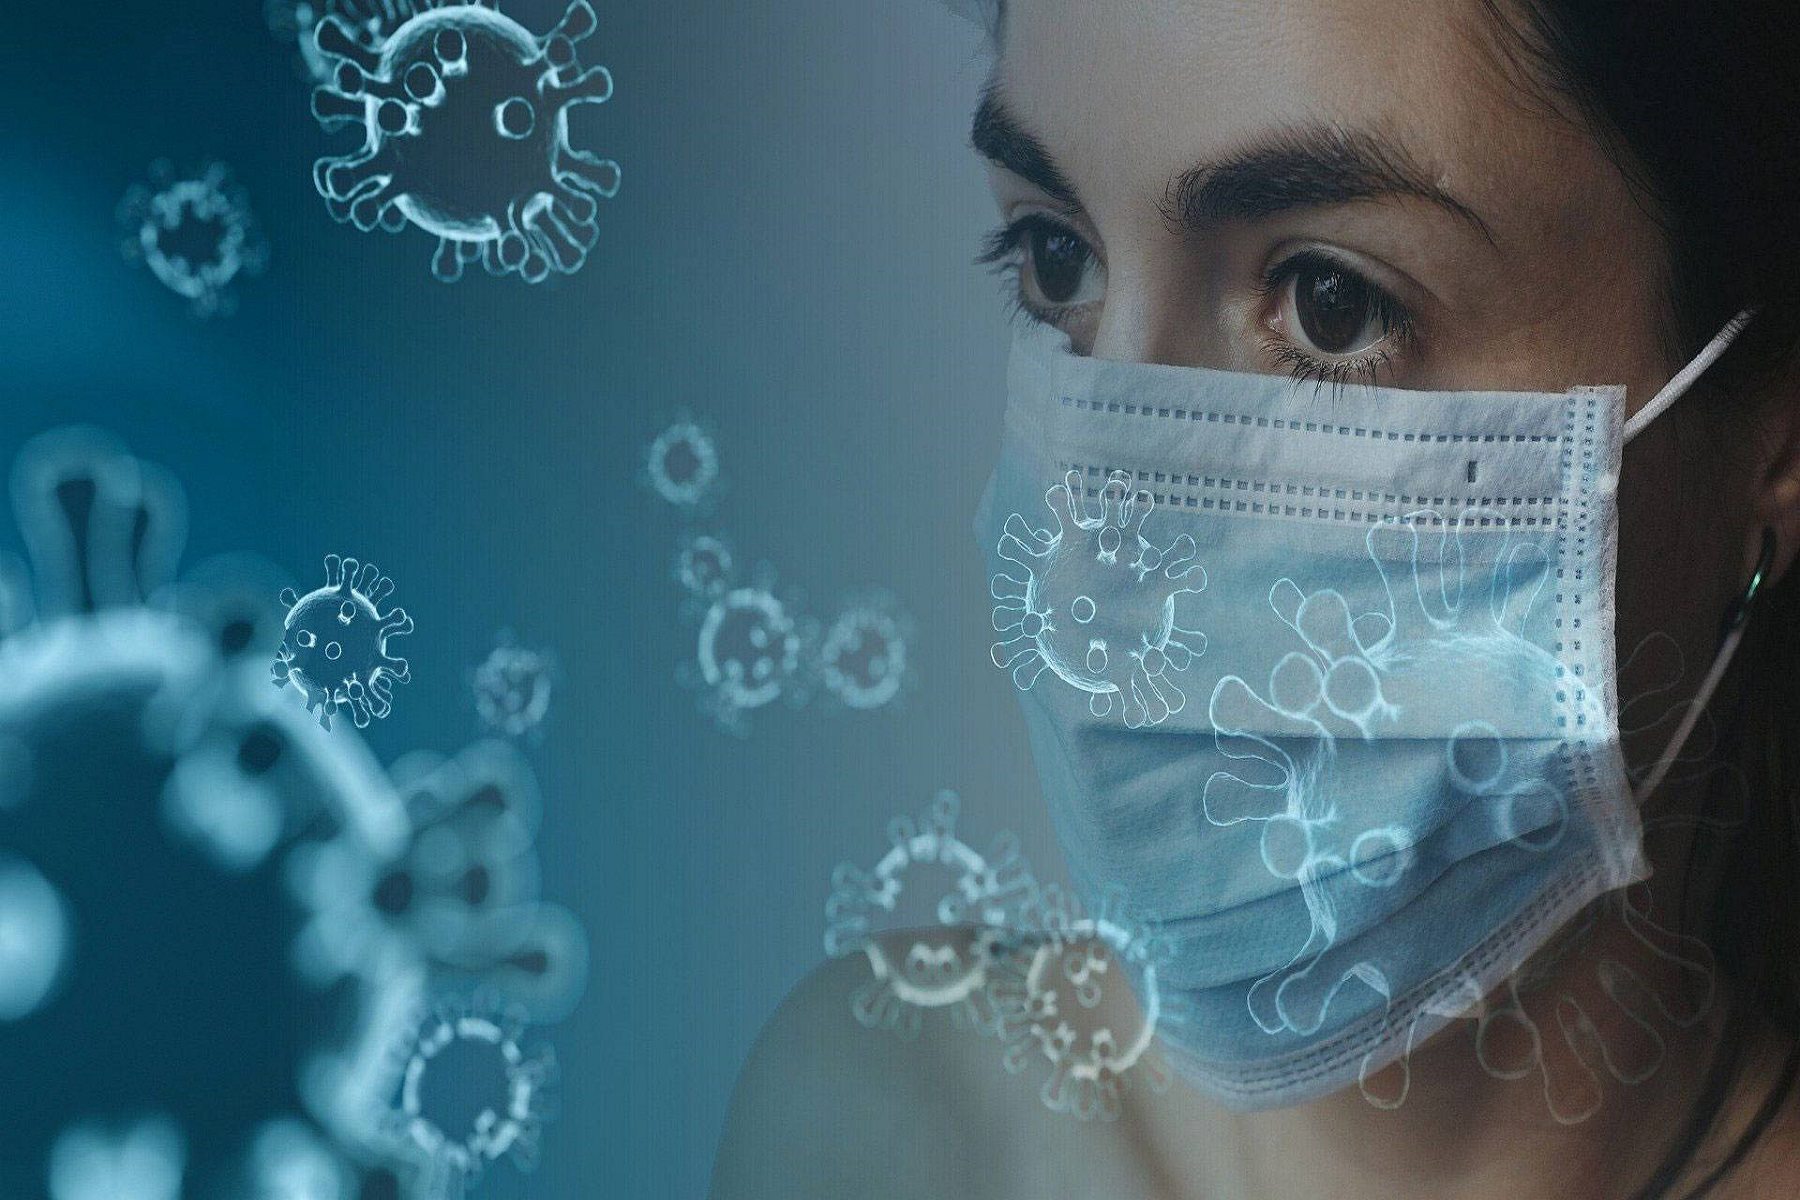 Προστασία Μέτρα: Είναι απαραίτητες οι μάσκες κορωνοϊού για εμβολιασμένα άτομα;